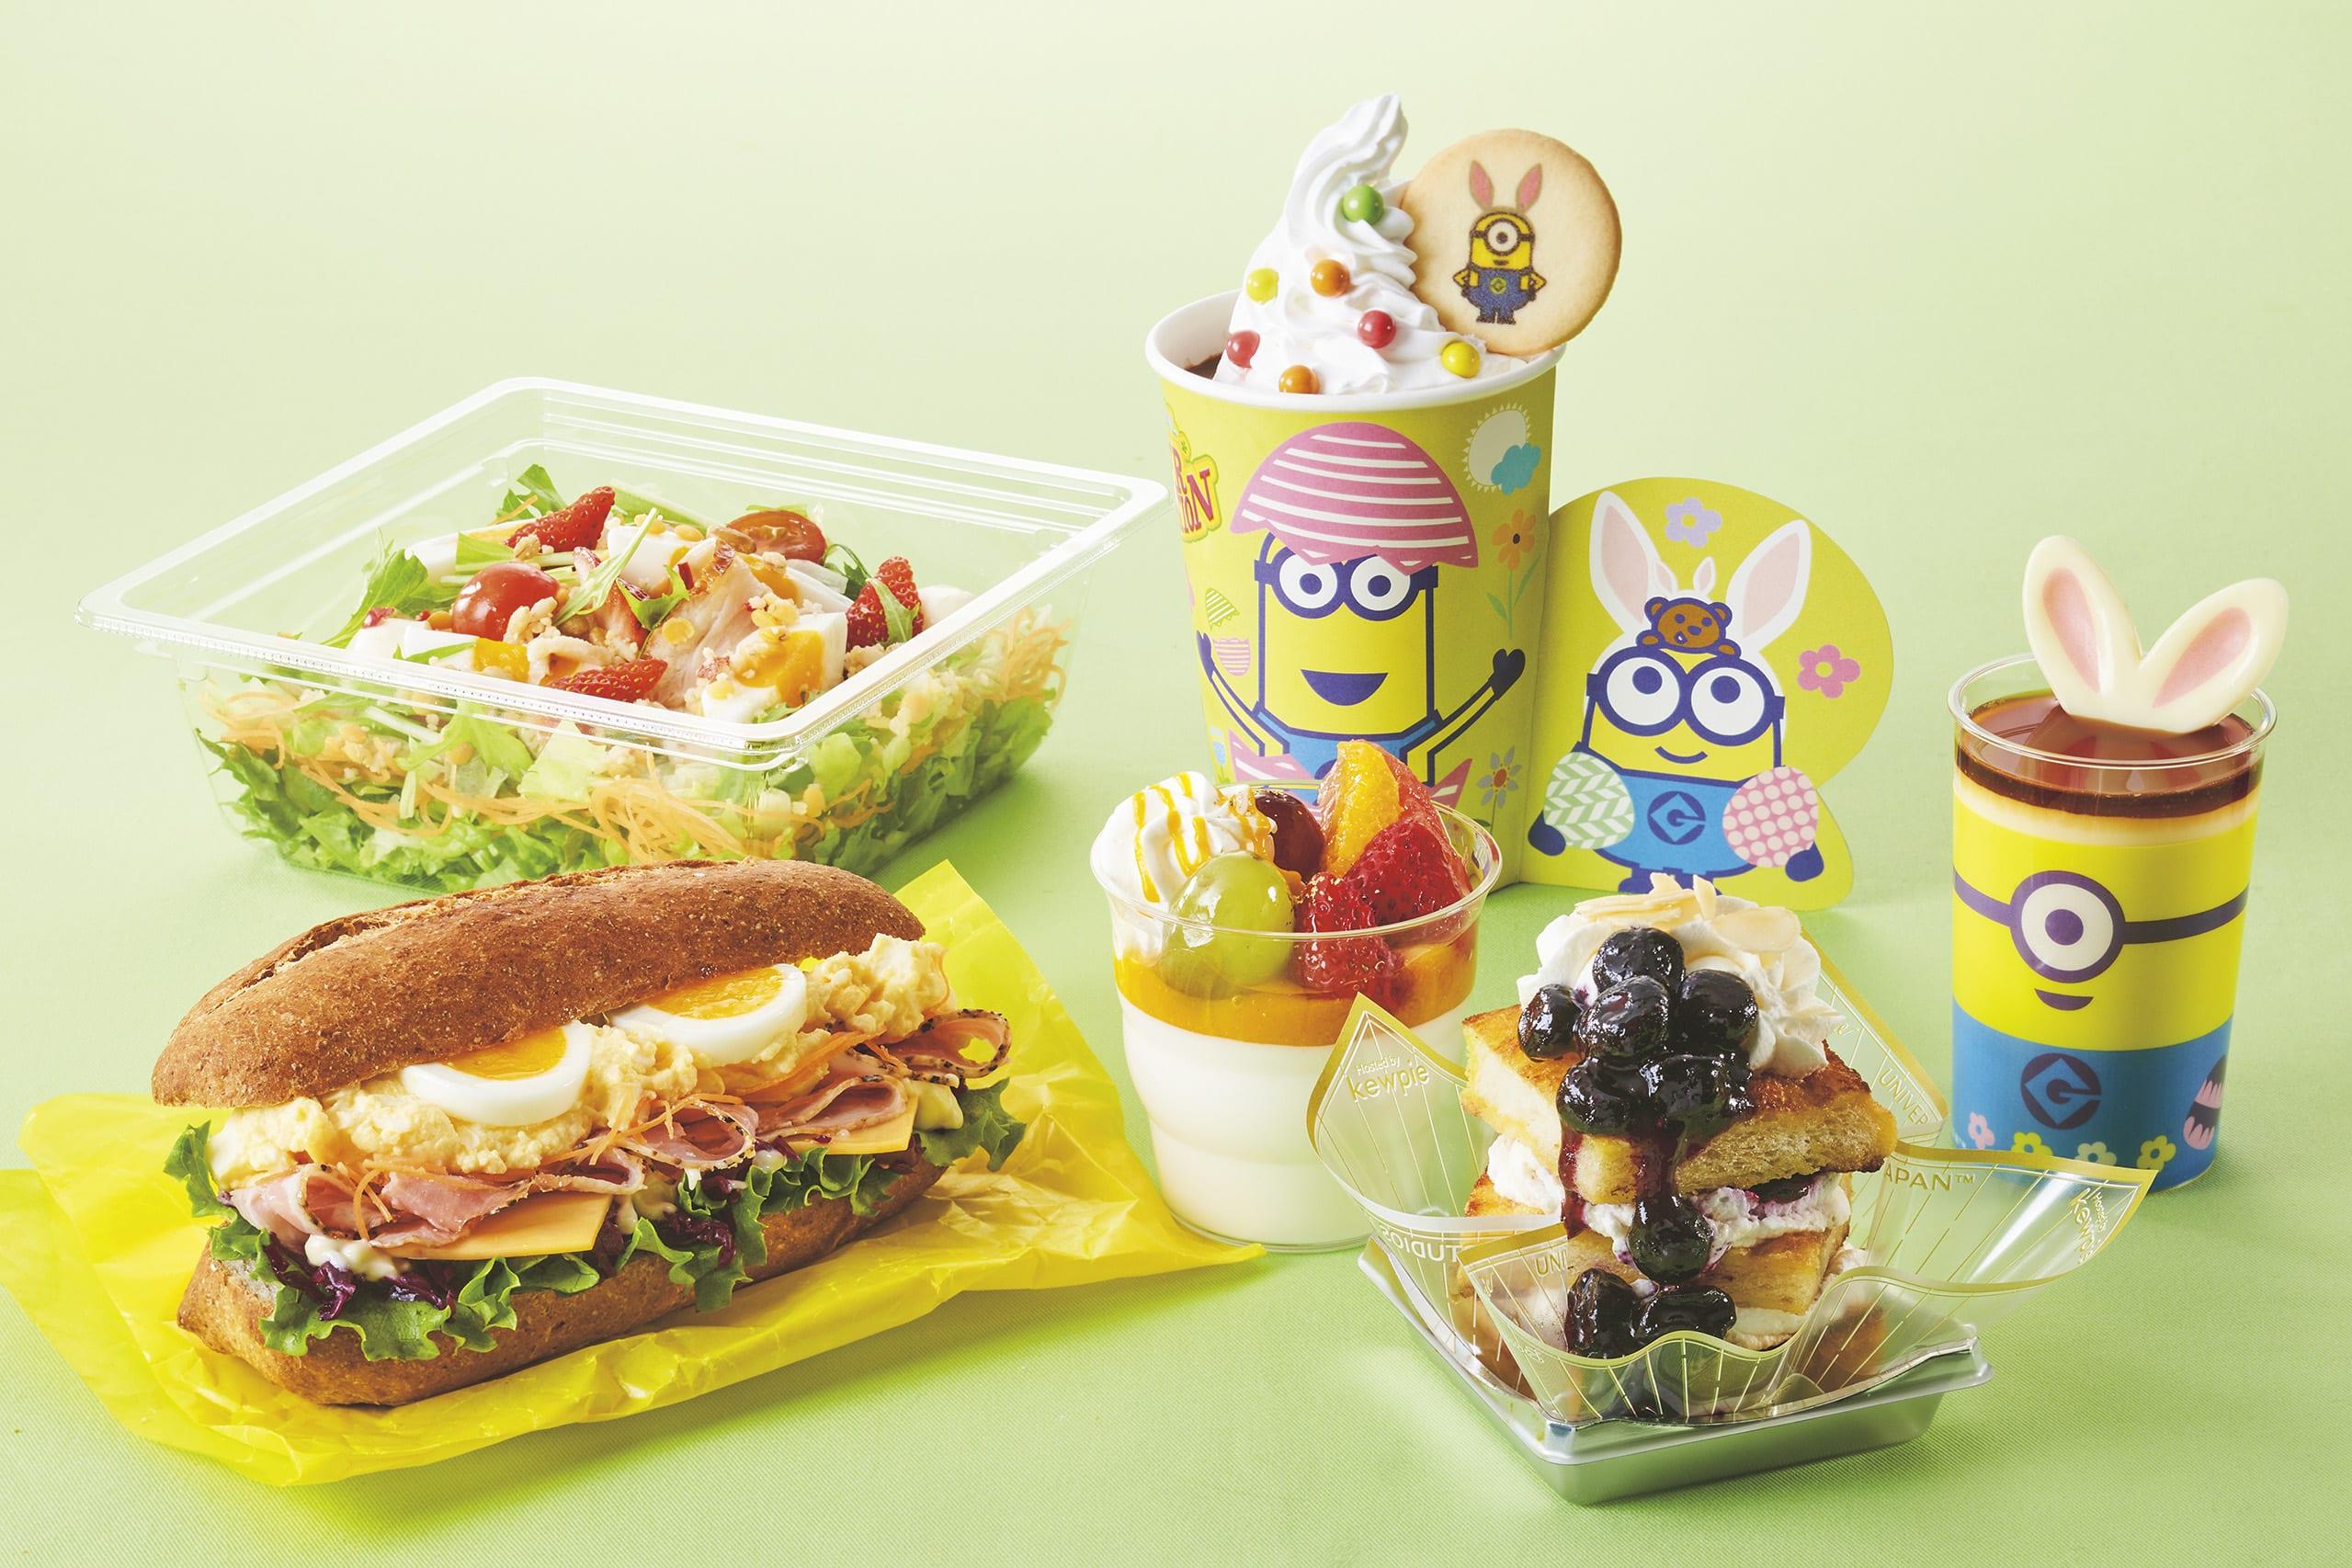 環球影城 復活節限定餐點 來源:USJ官網